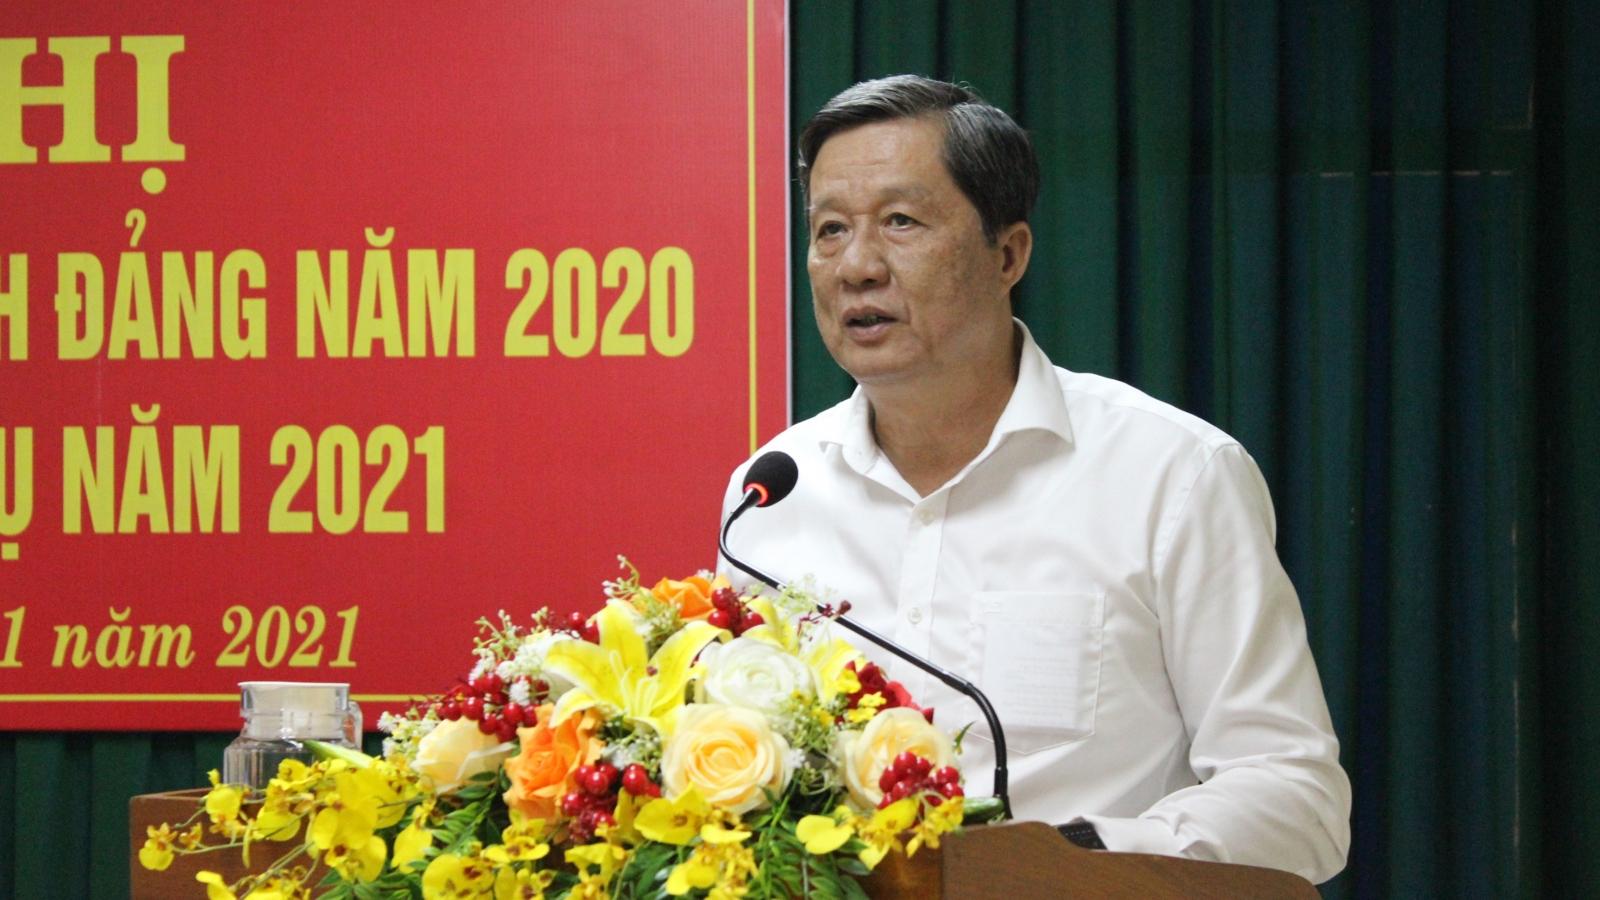 Cần Thơ khai trừ 4 đảng viên liên quan tham nhũng năm 2020